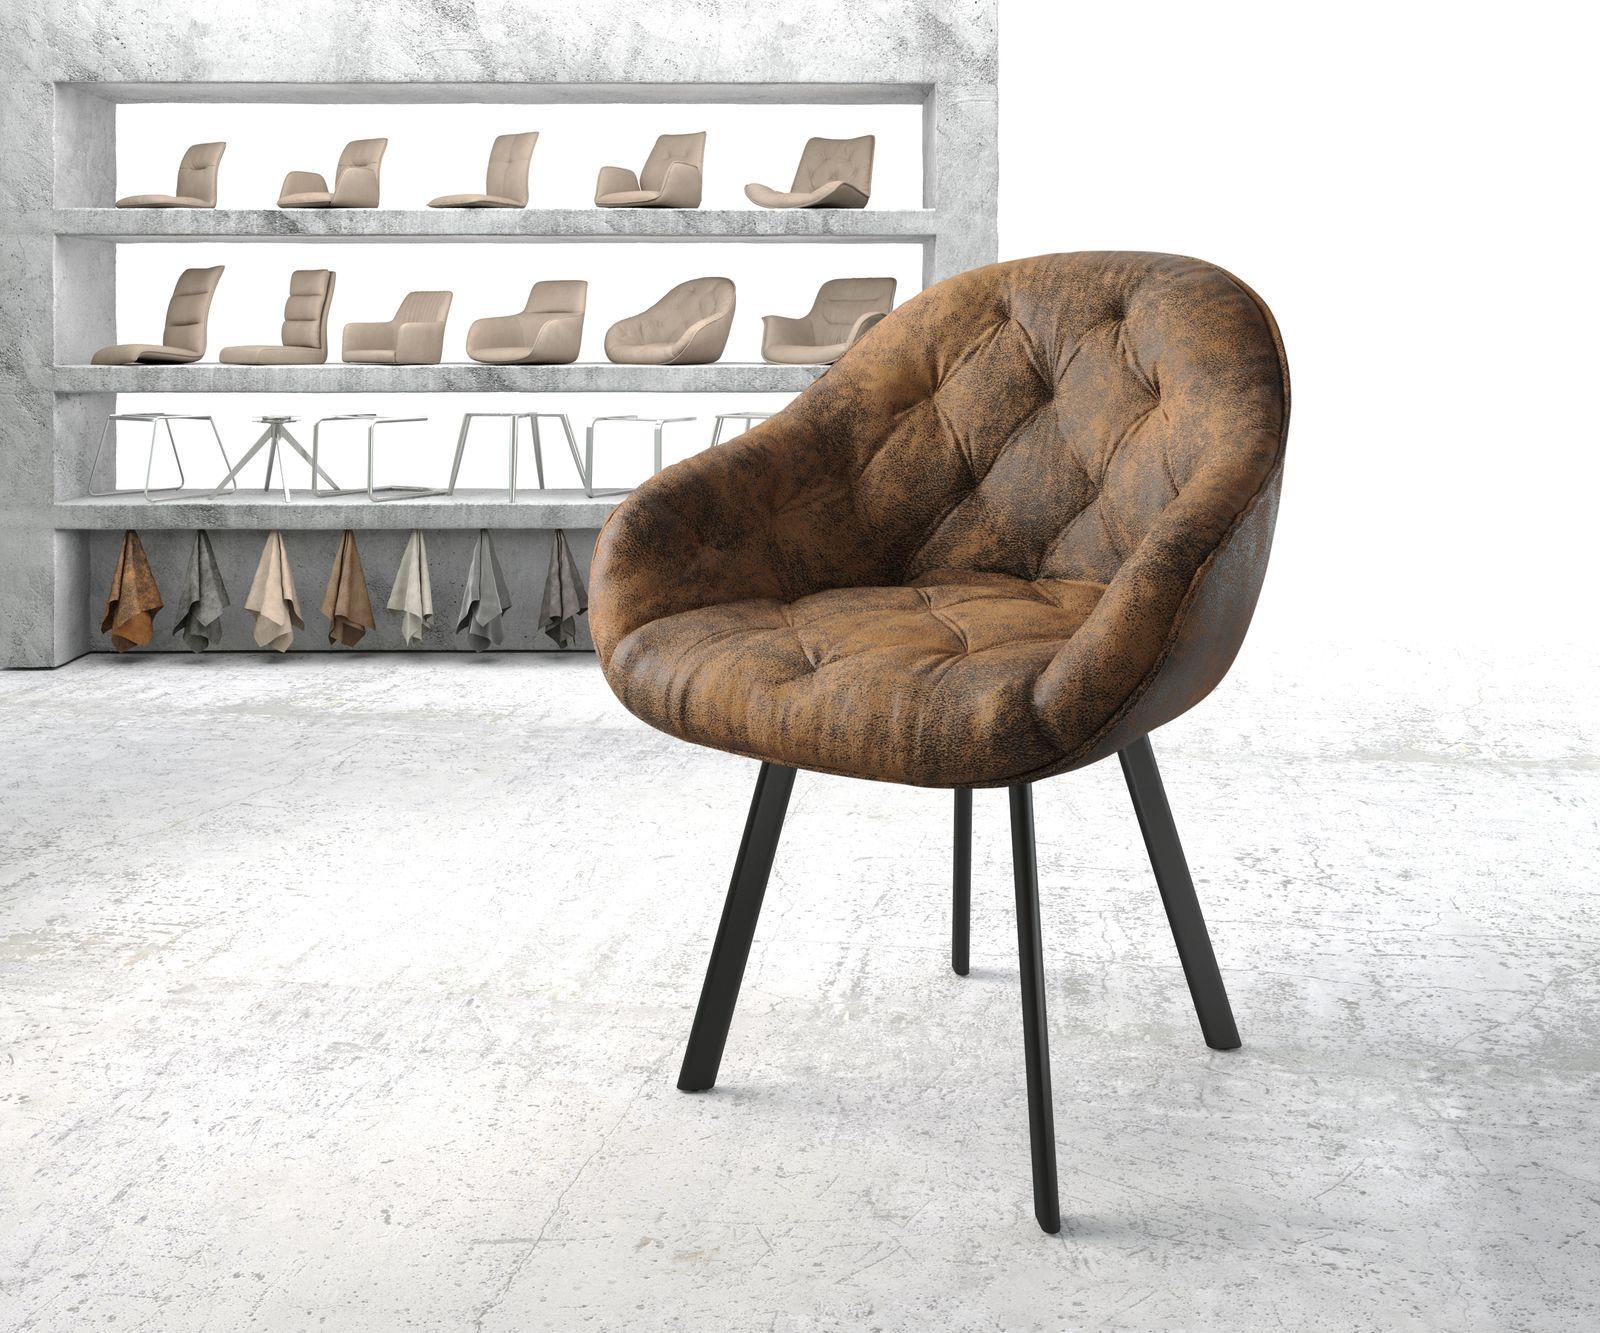 delife-armlehnstuhl-gaio-flex-braun-vintage-4-fu-oval-schwarz-esszimmerstuhle